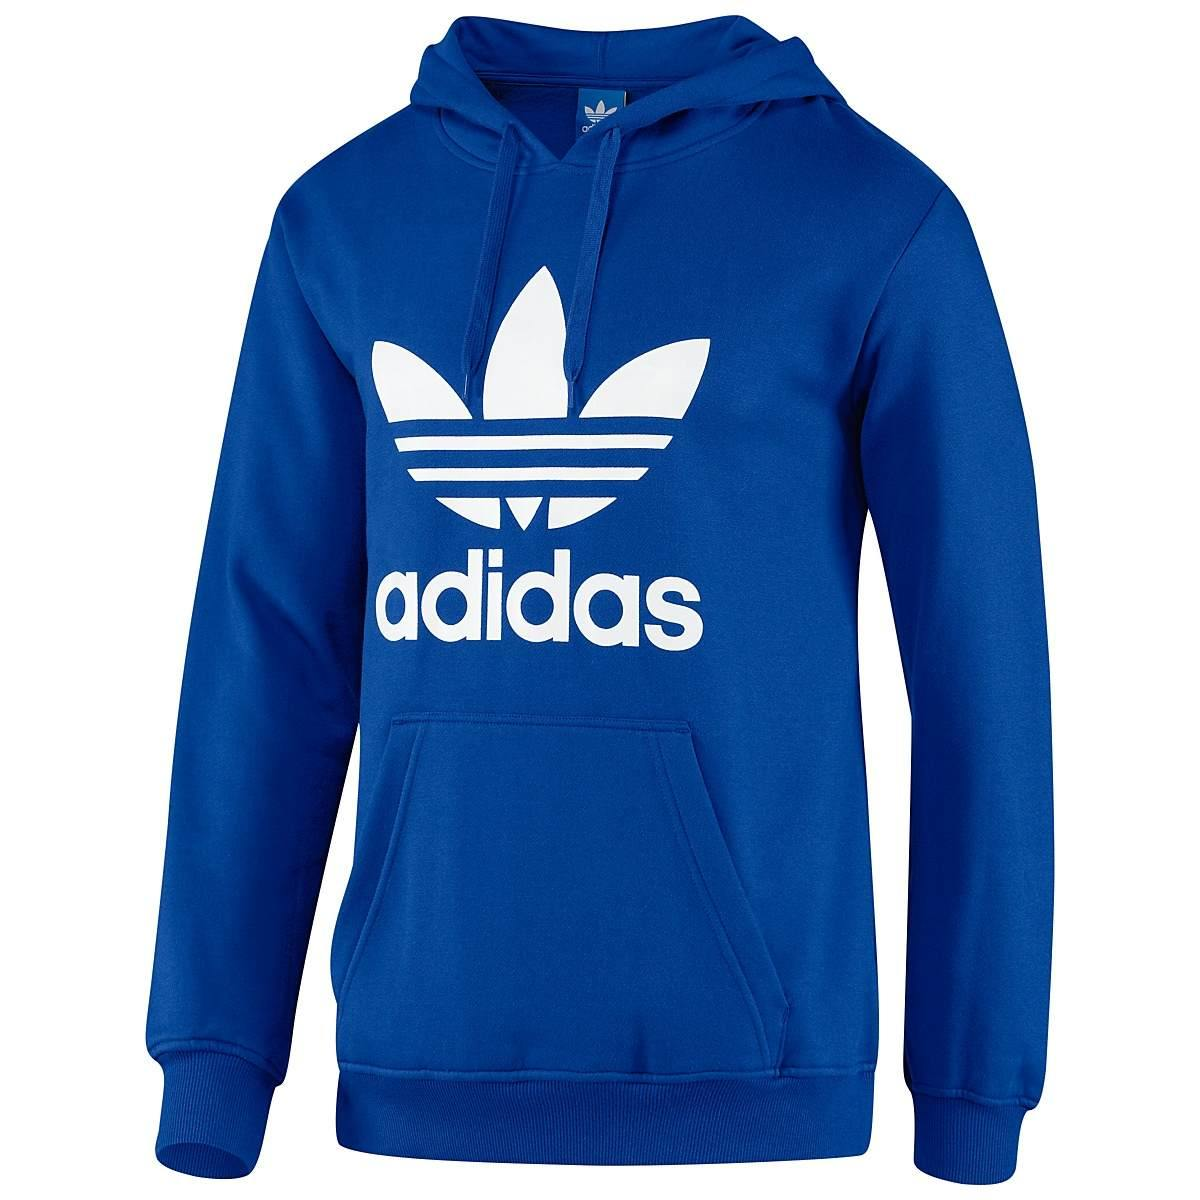 Adidas-Originals-Trefoil-Hoodie-Sweatshirt-Kapuzenpullover-Herren-Diverse-Farben